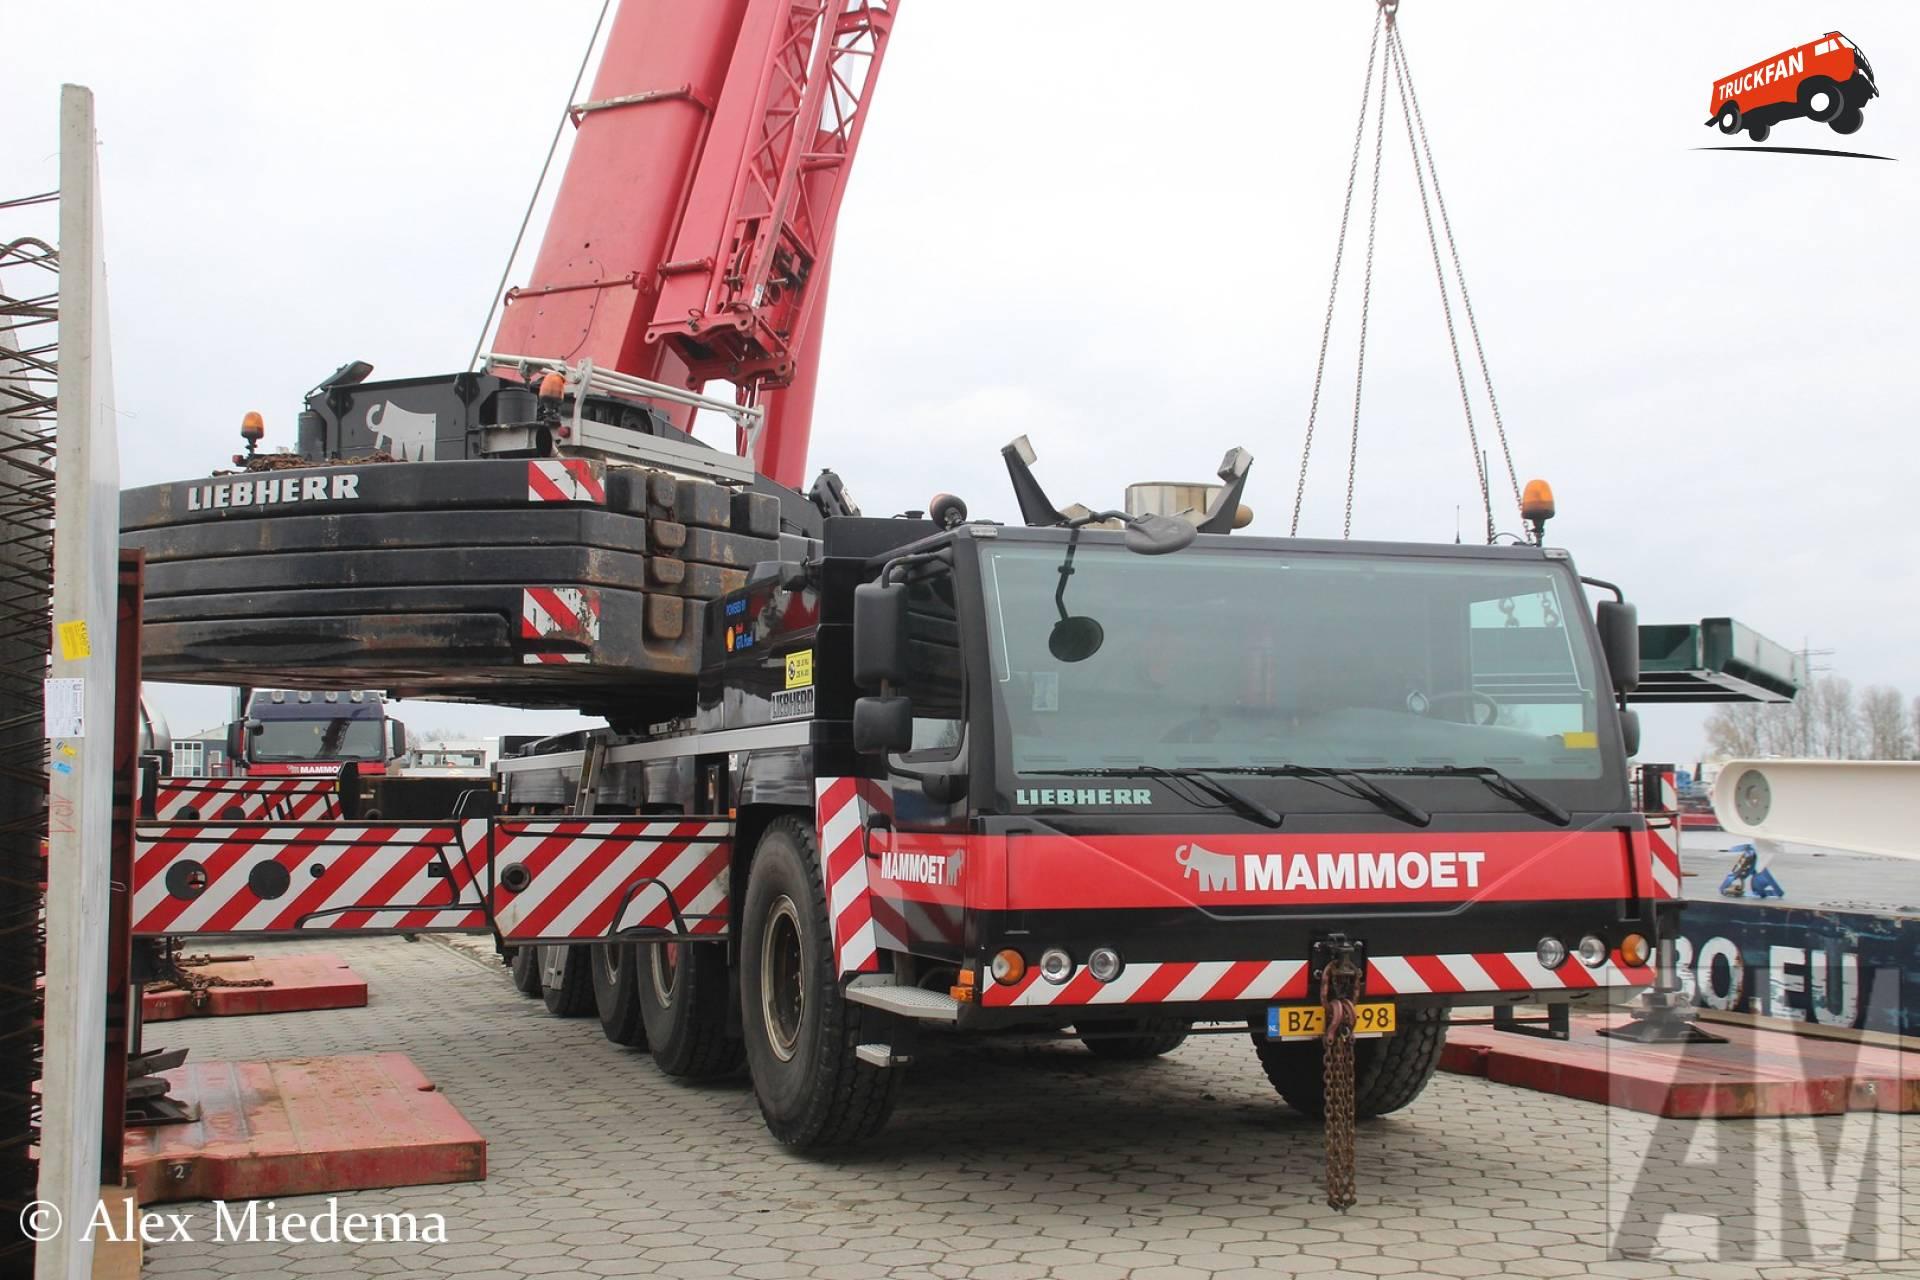 Liebherr LTM1200